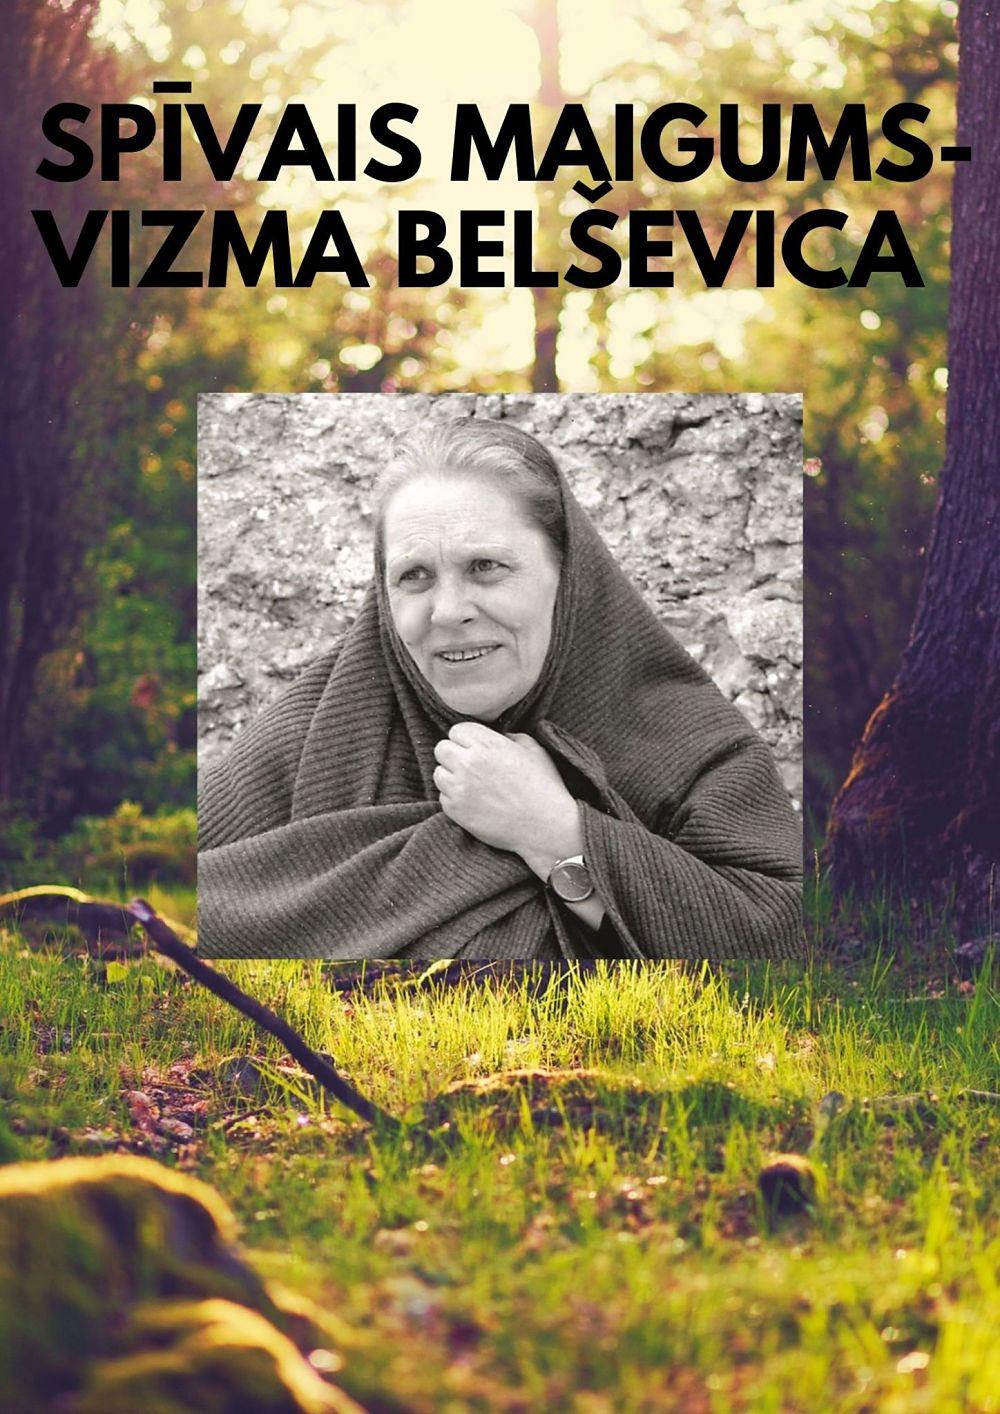 Plakāts izstādei Spīvais maigums – Vizma Belševica